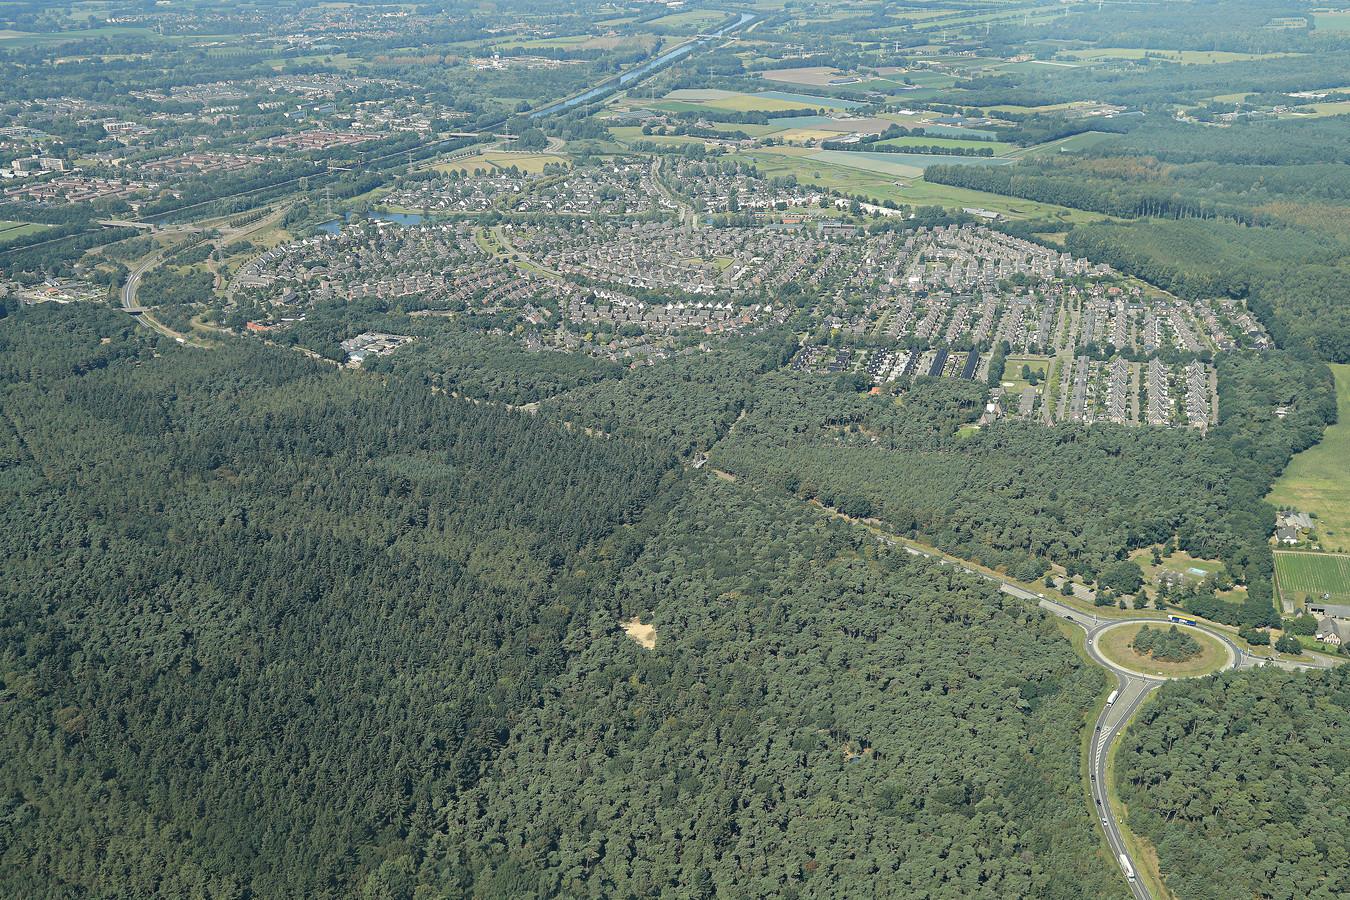 De huidige N279 (gezien vanuit het zuiden) loopt vanaf de rotonde links om Dierdonk heen. De provincie wil vanaf de rotonde een omleiding langs de andere kant van de wijk.